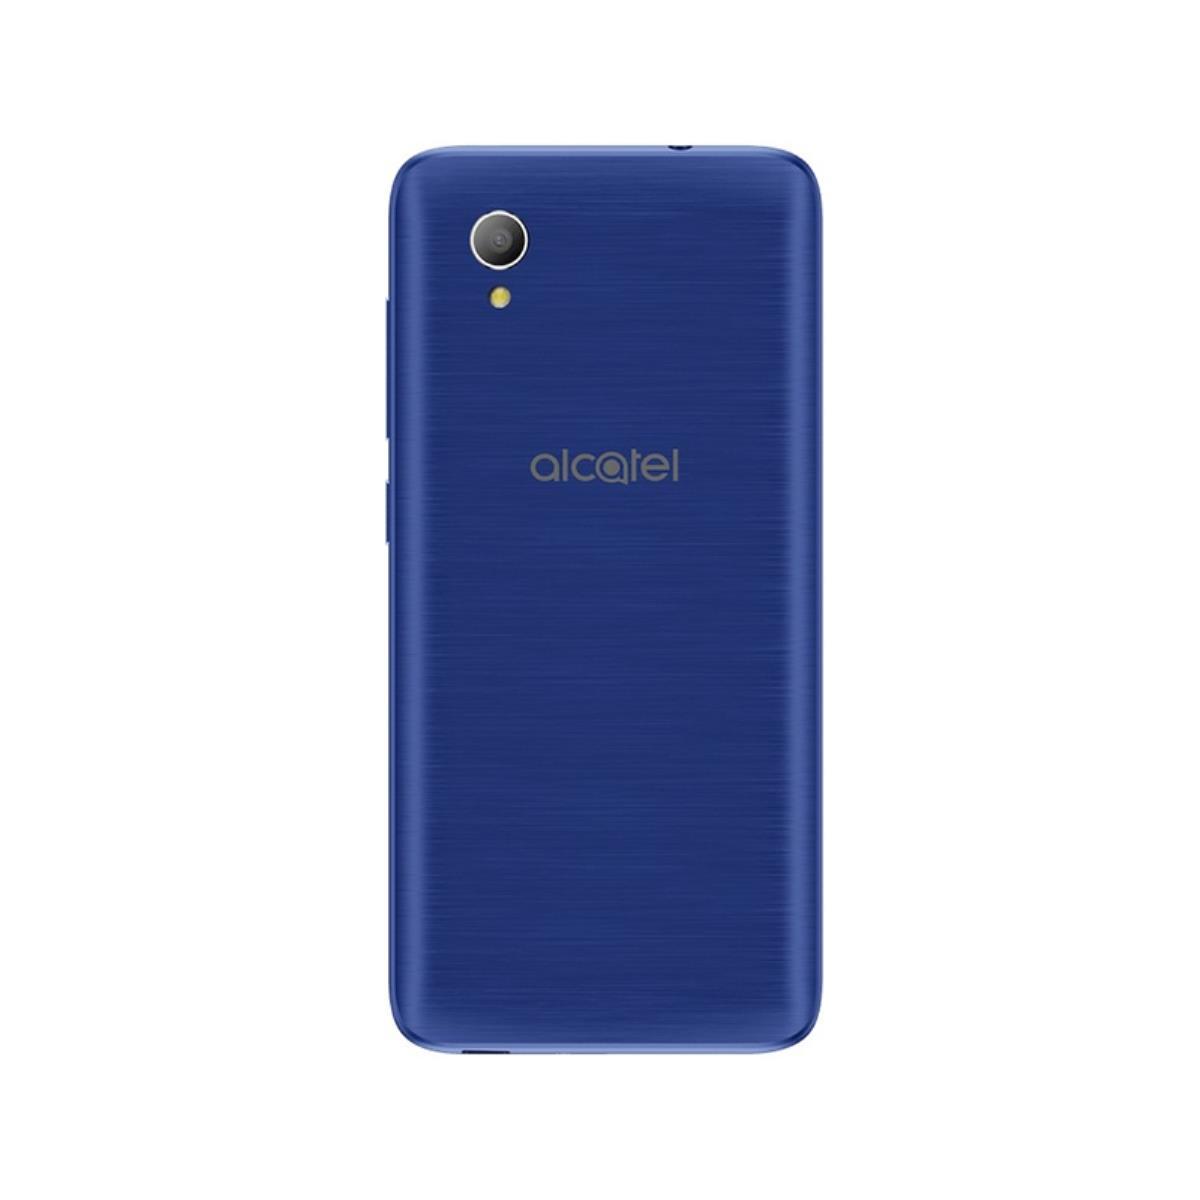 HUAWEY Y6 2018 16GB/2GB DUAL SIM PRETO